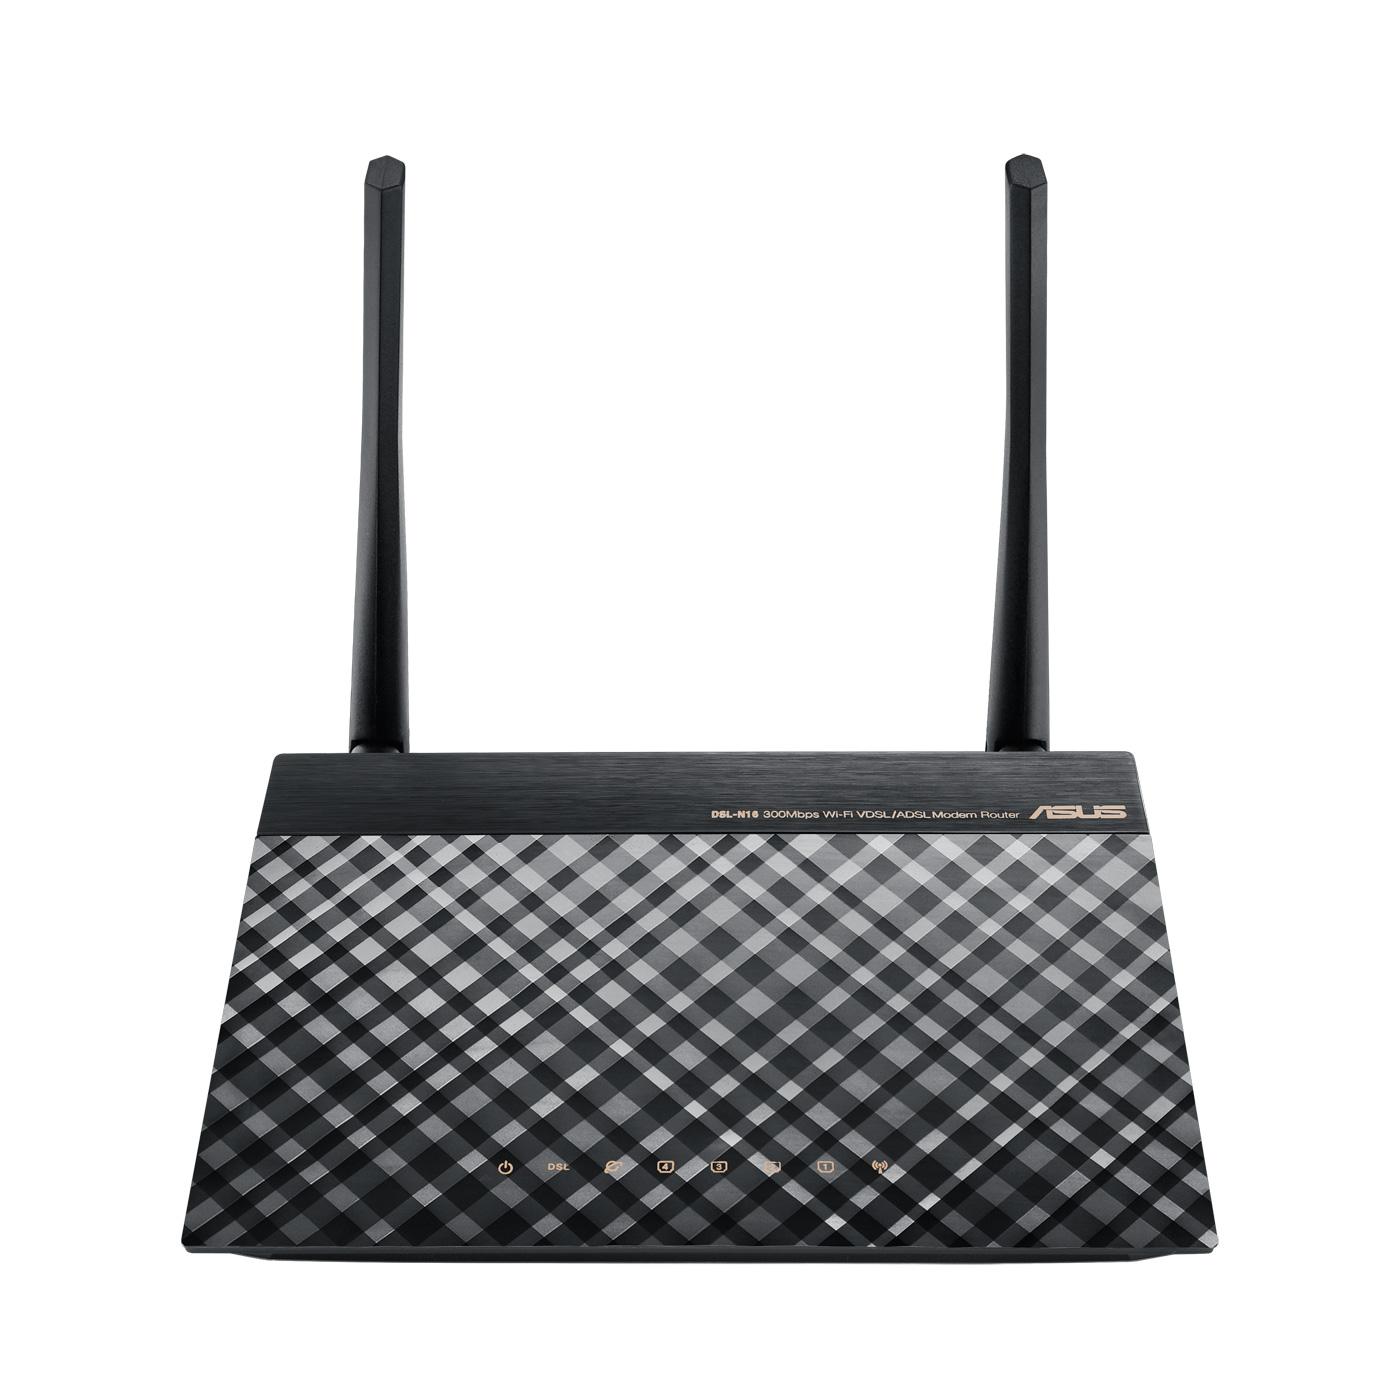 Modem & routeur ASUS DSL-N16 Modem Routeur sans fil WiFi 802.11n 300 Mbps + 4 ports LAN 10/100 Mbps